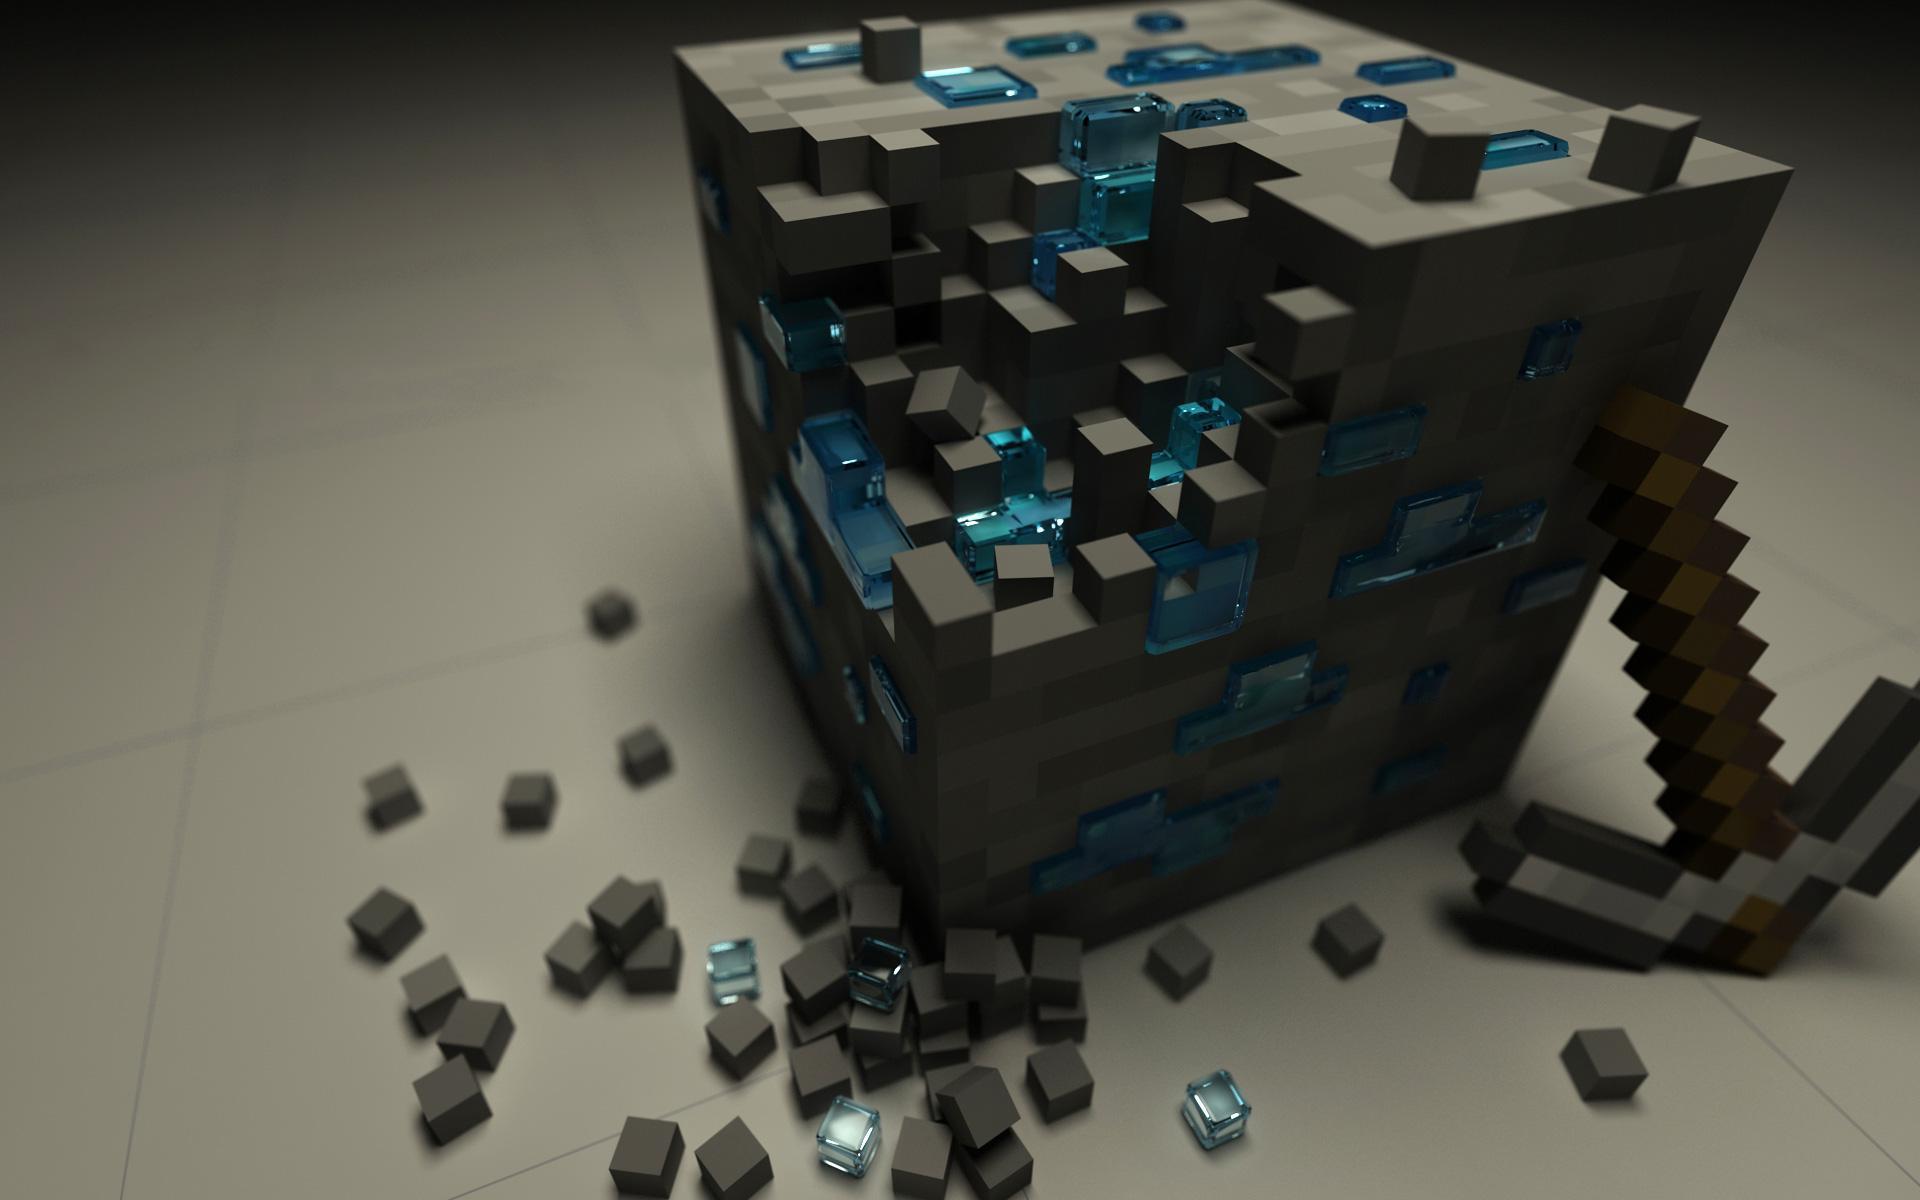 Minecraft Wallpaper 1920x1200 Minecraft 1920x1200